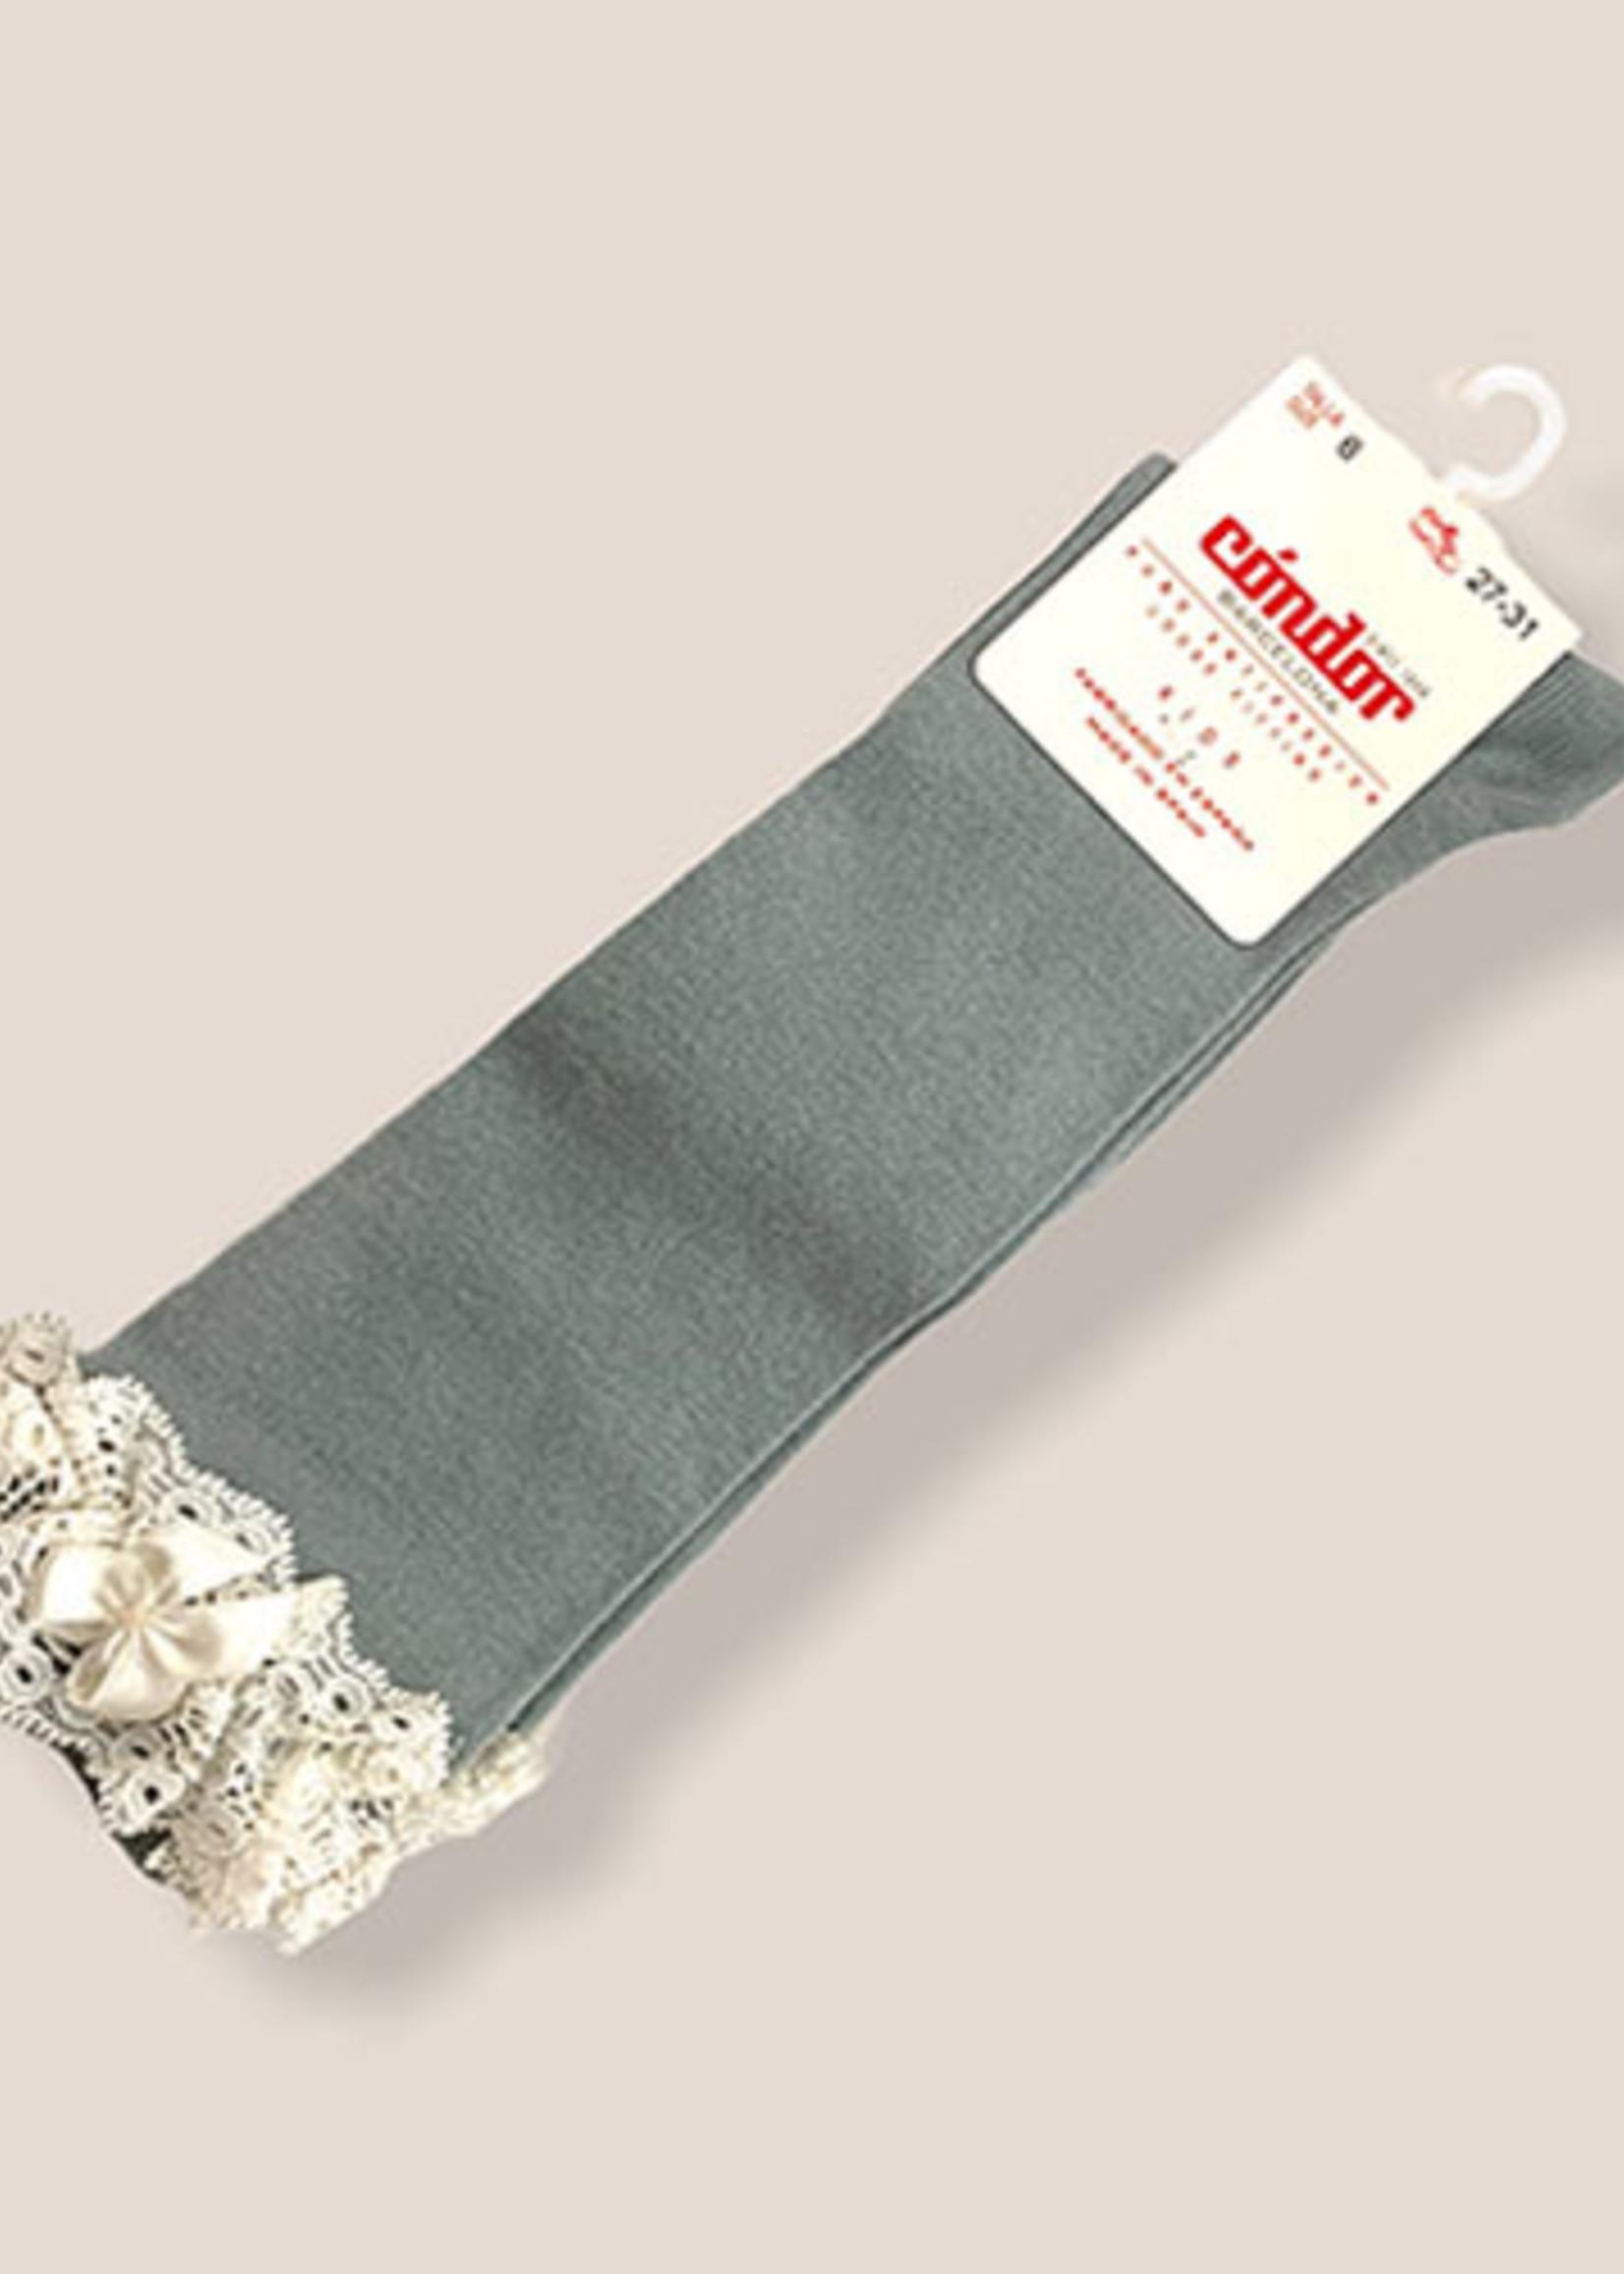 condor Condor-ss21 2.484/4  lace trim short sock